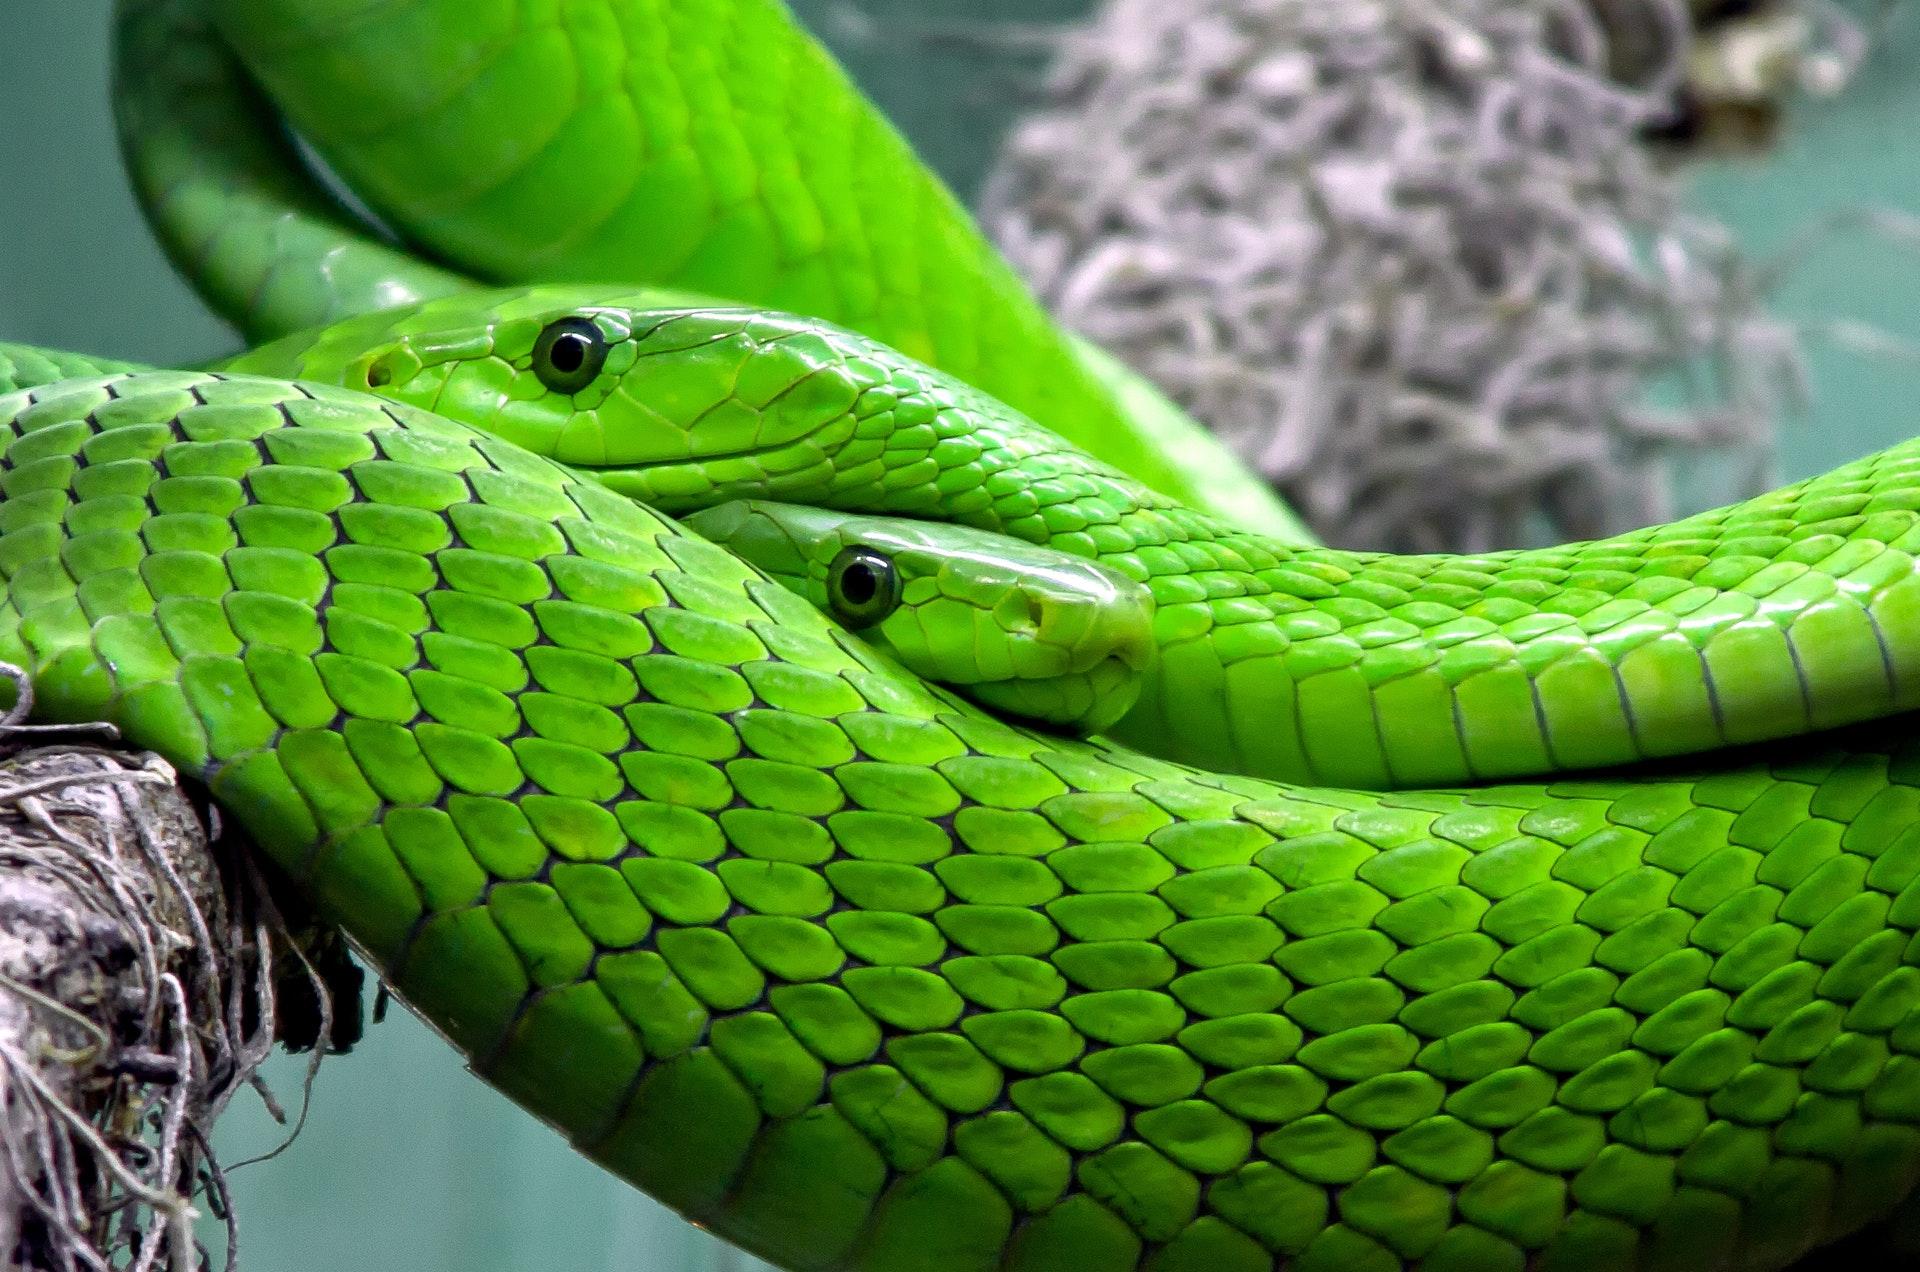 Hình nền rắn mamba mạnh mẽ